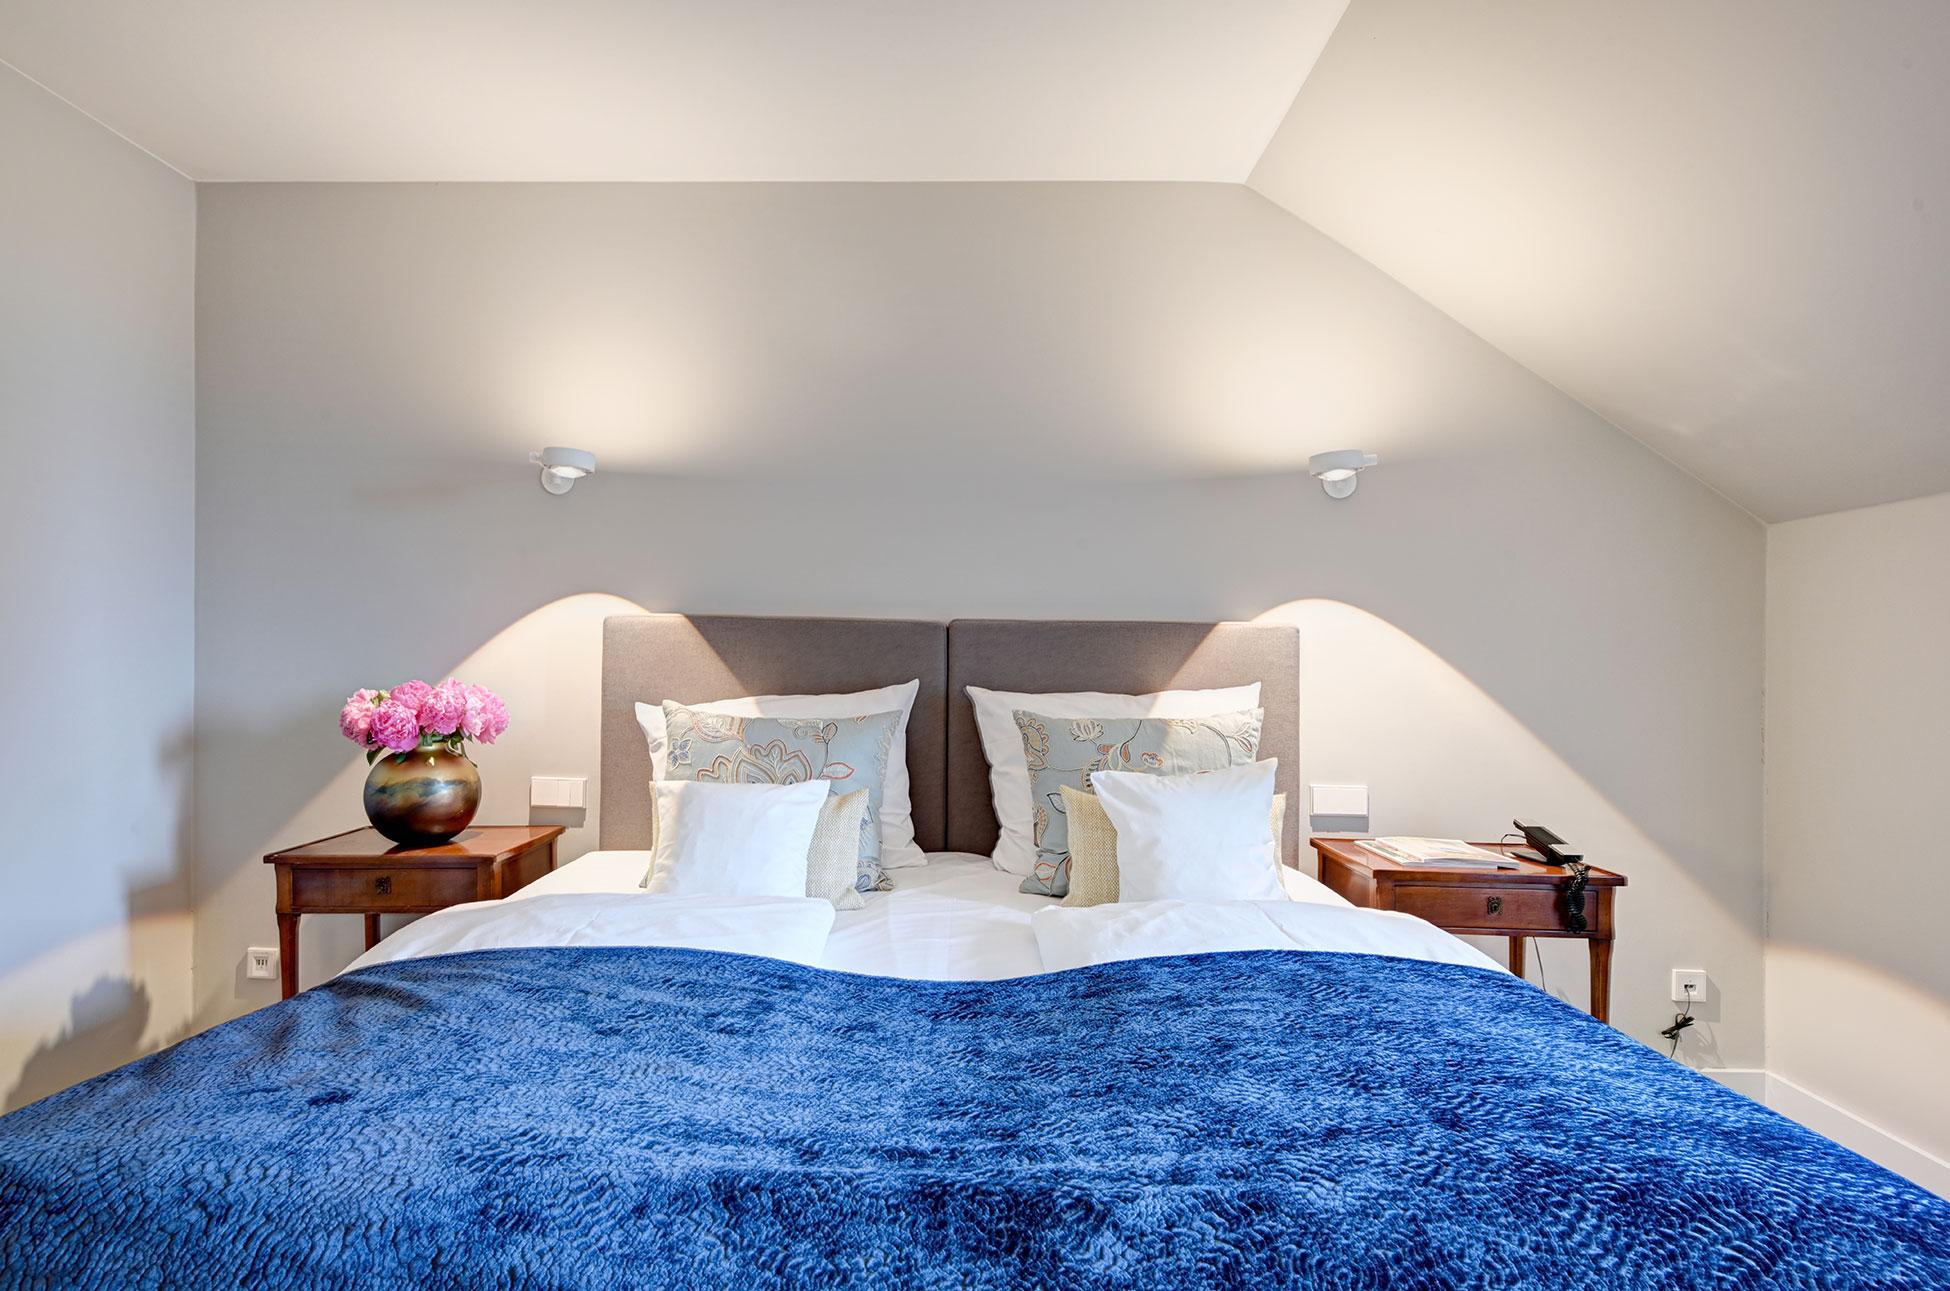 Schlafzimmer Suite des Hotel Admiral, München